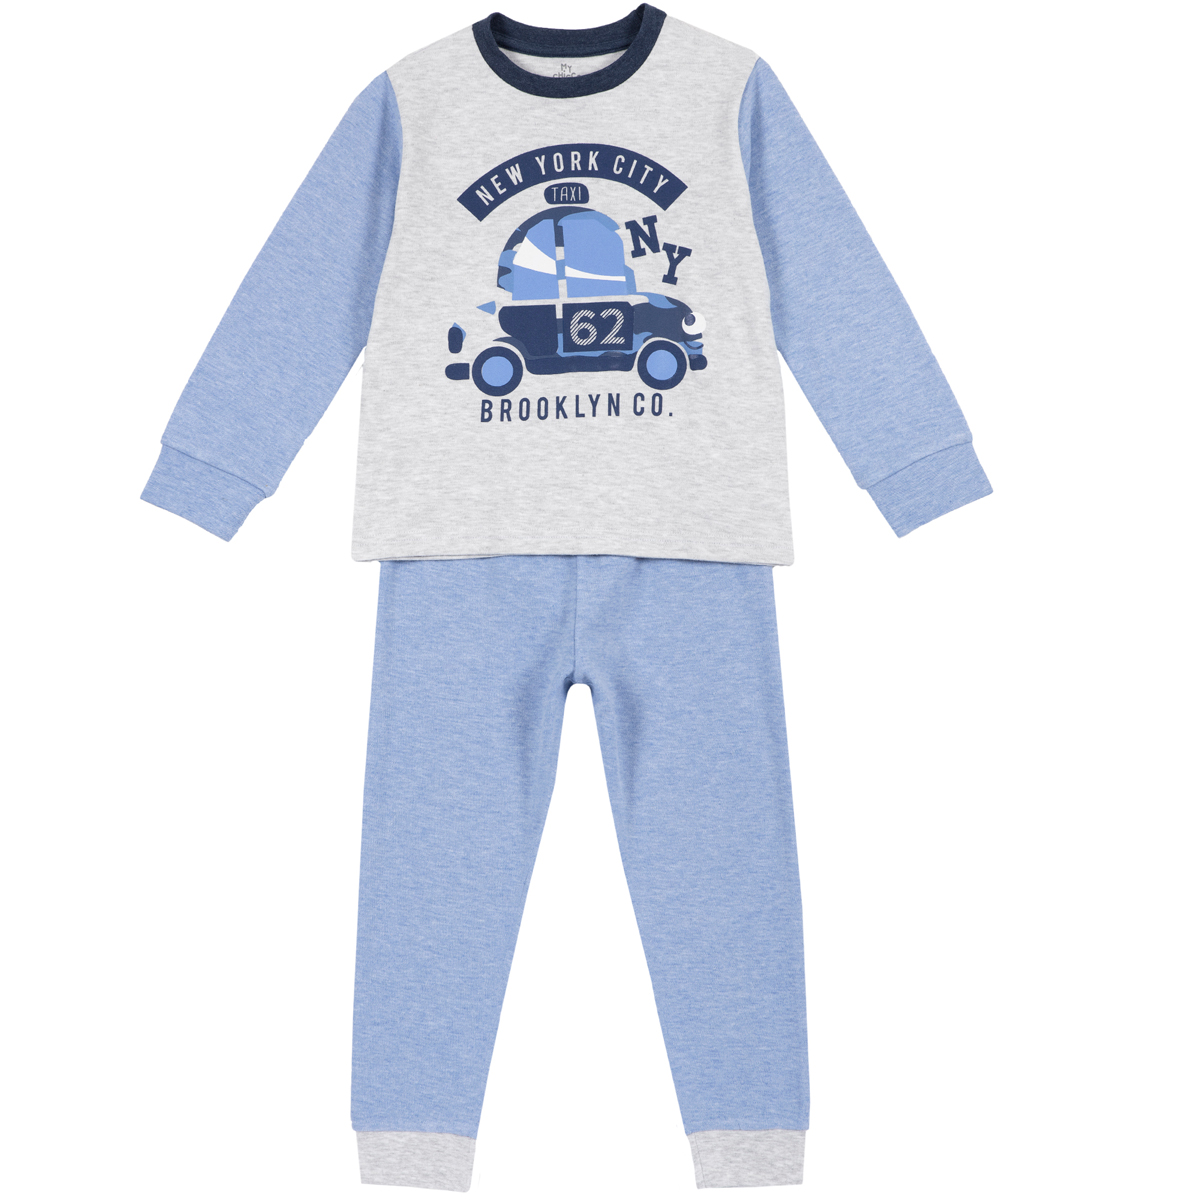 Pijama copii Chicco, maneca lunga, imprimeu masina, 31287 din categoria Pijamale copii